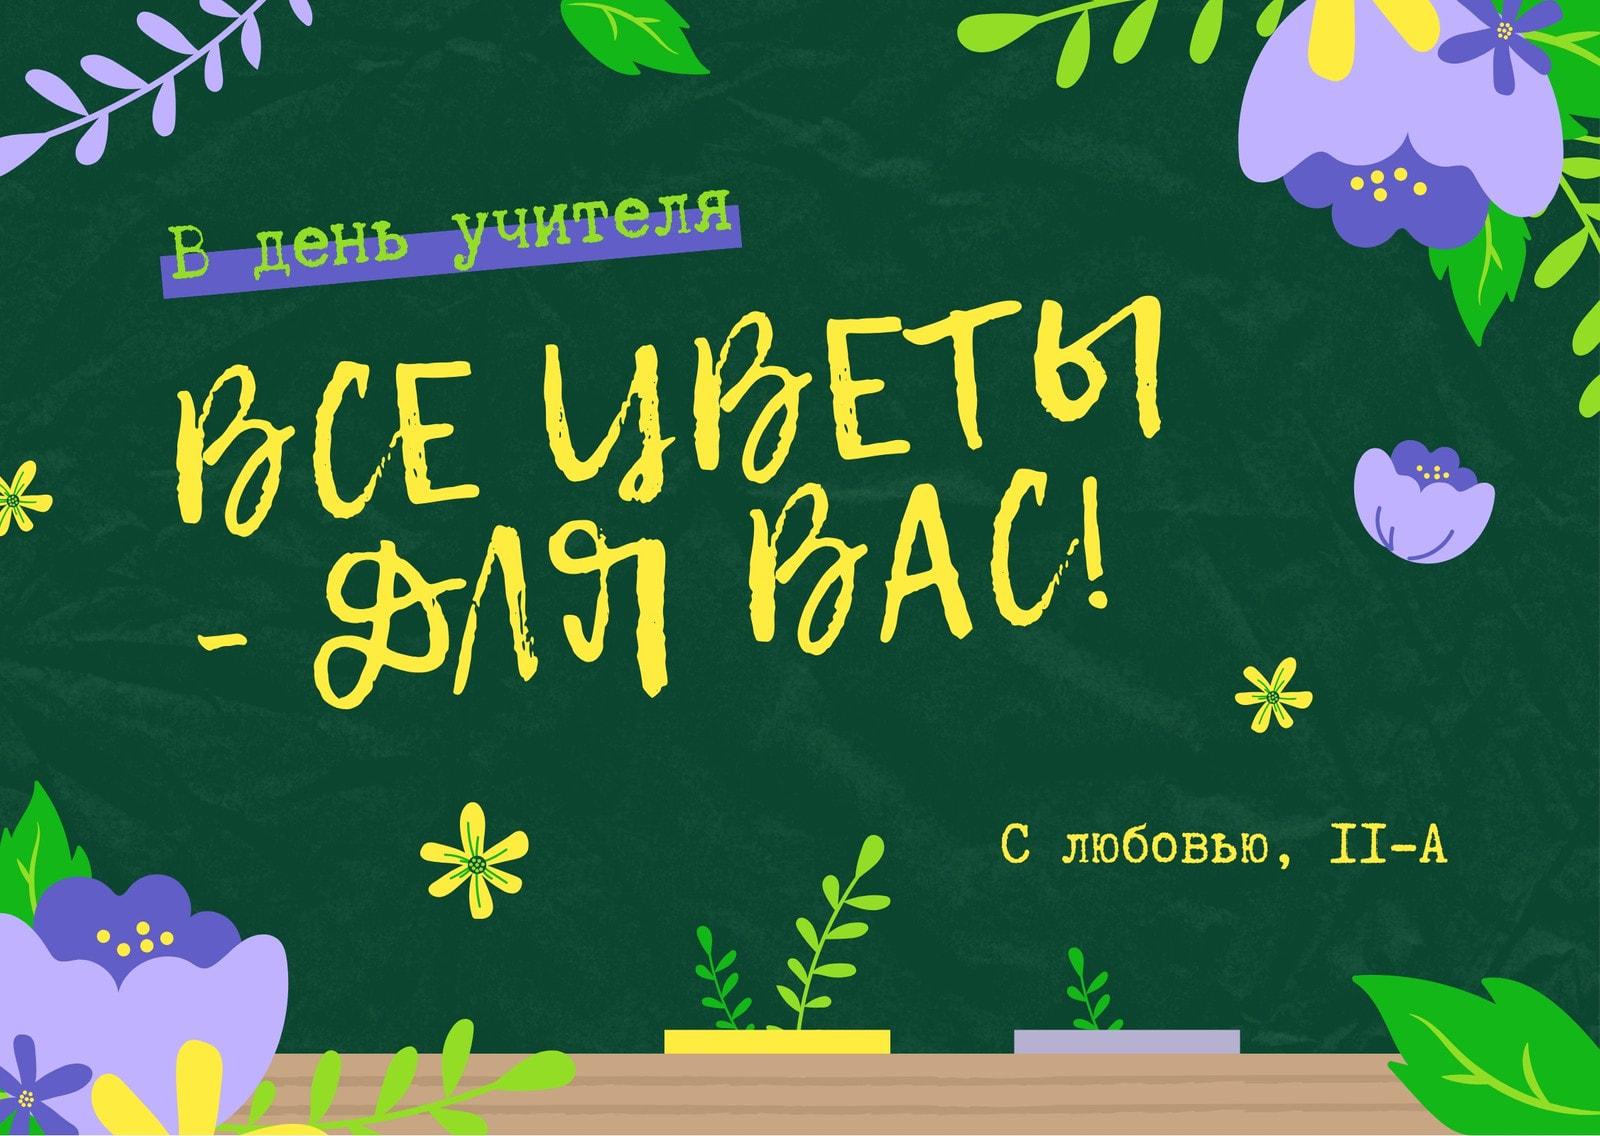 Зеленая открытка на день учителя с цветочной графикой